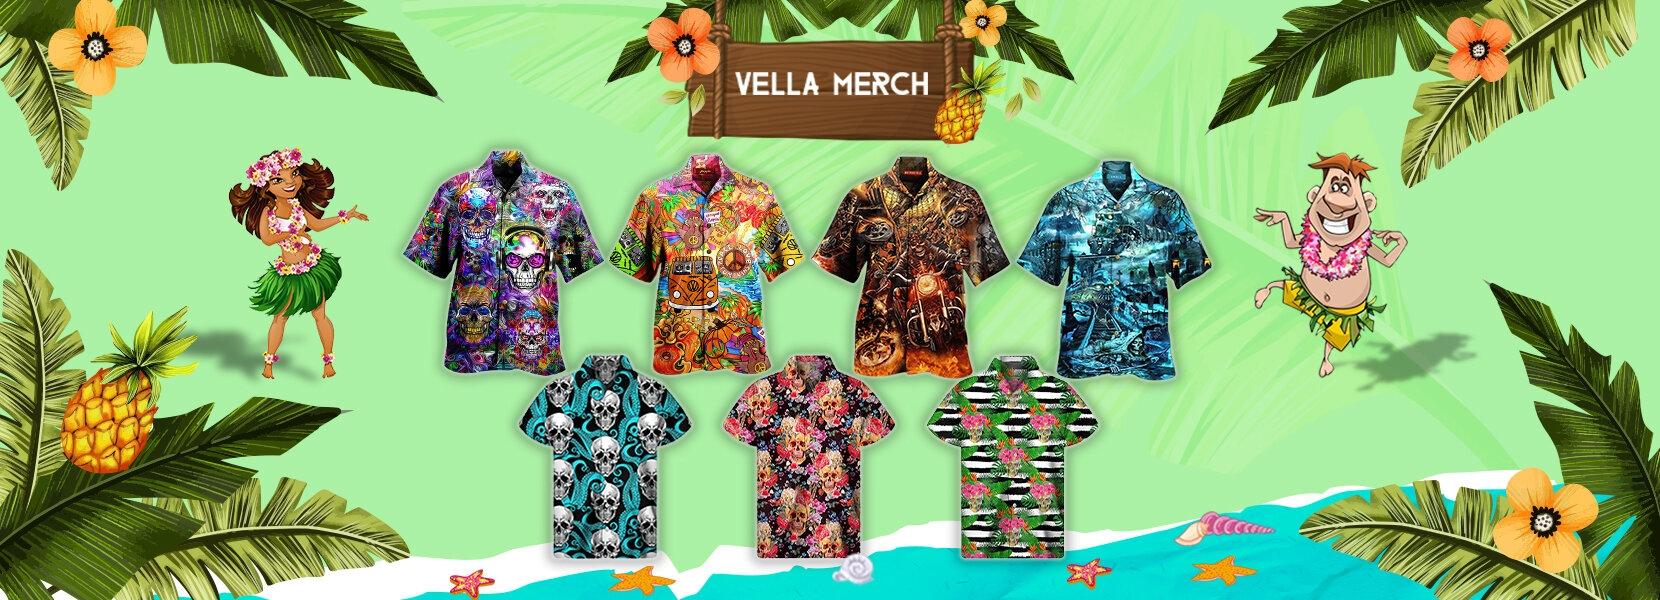 Vella Merch (@vellamerch) Cover Image